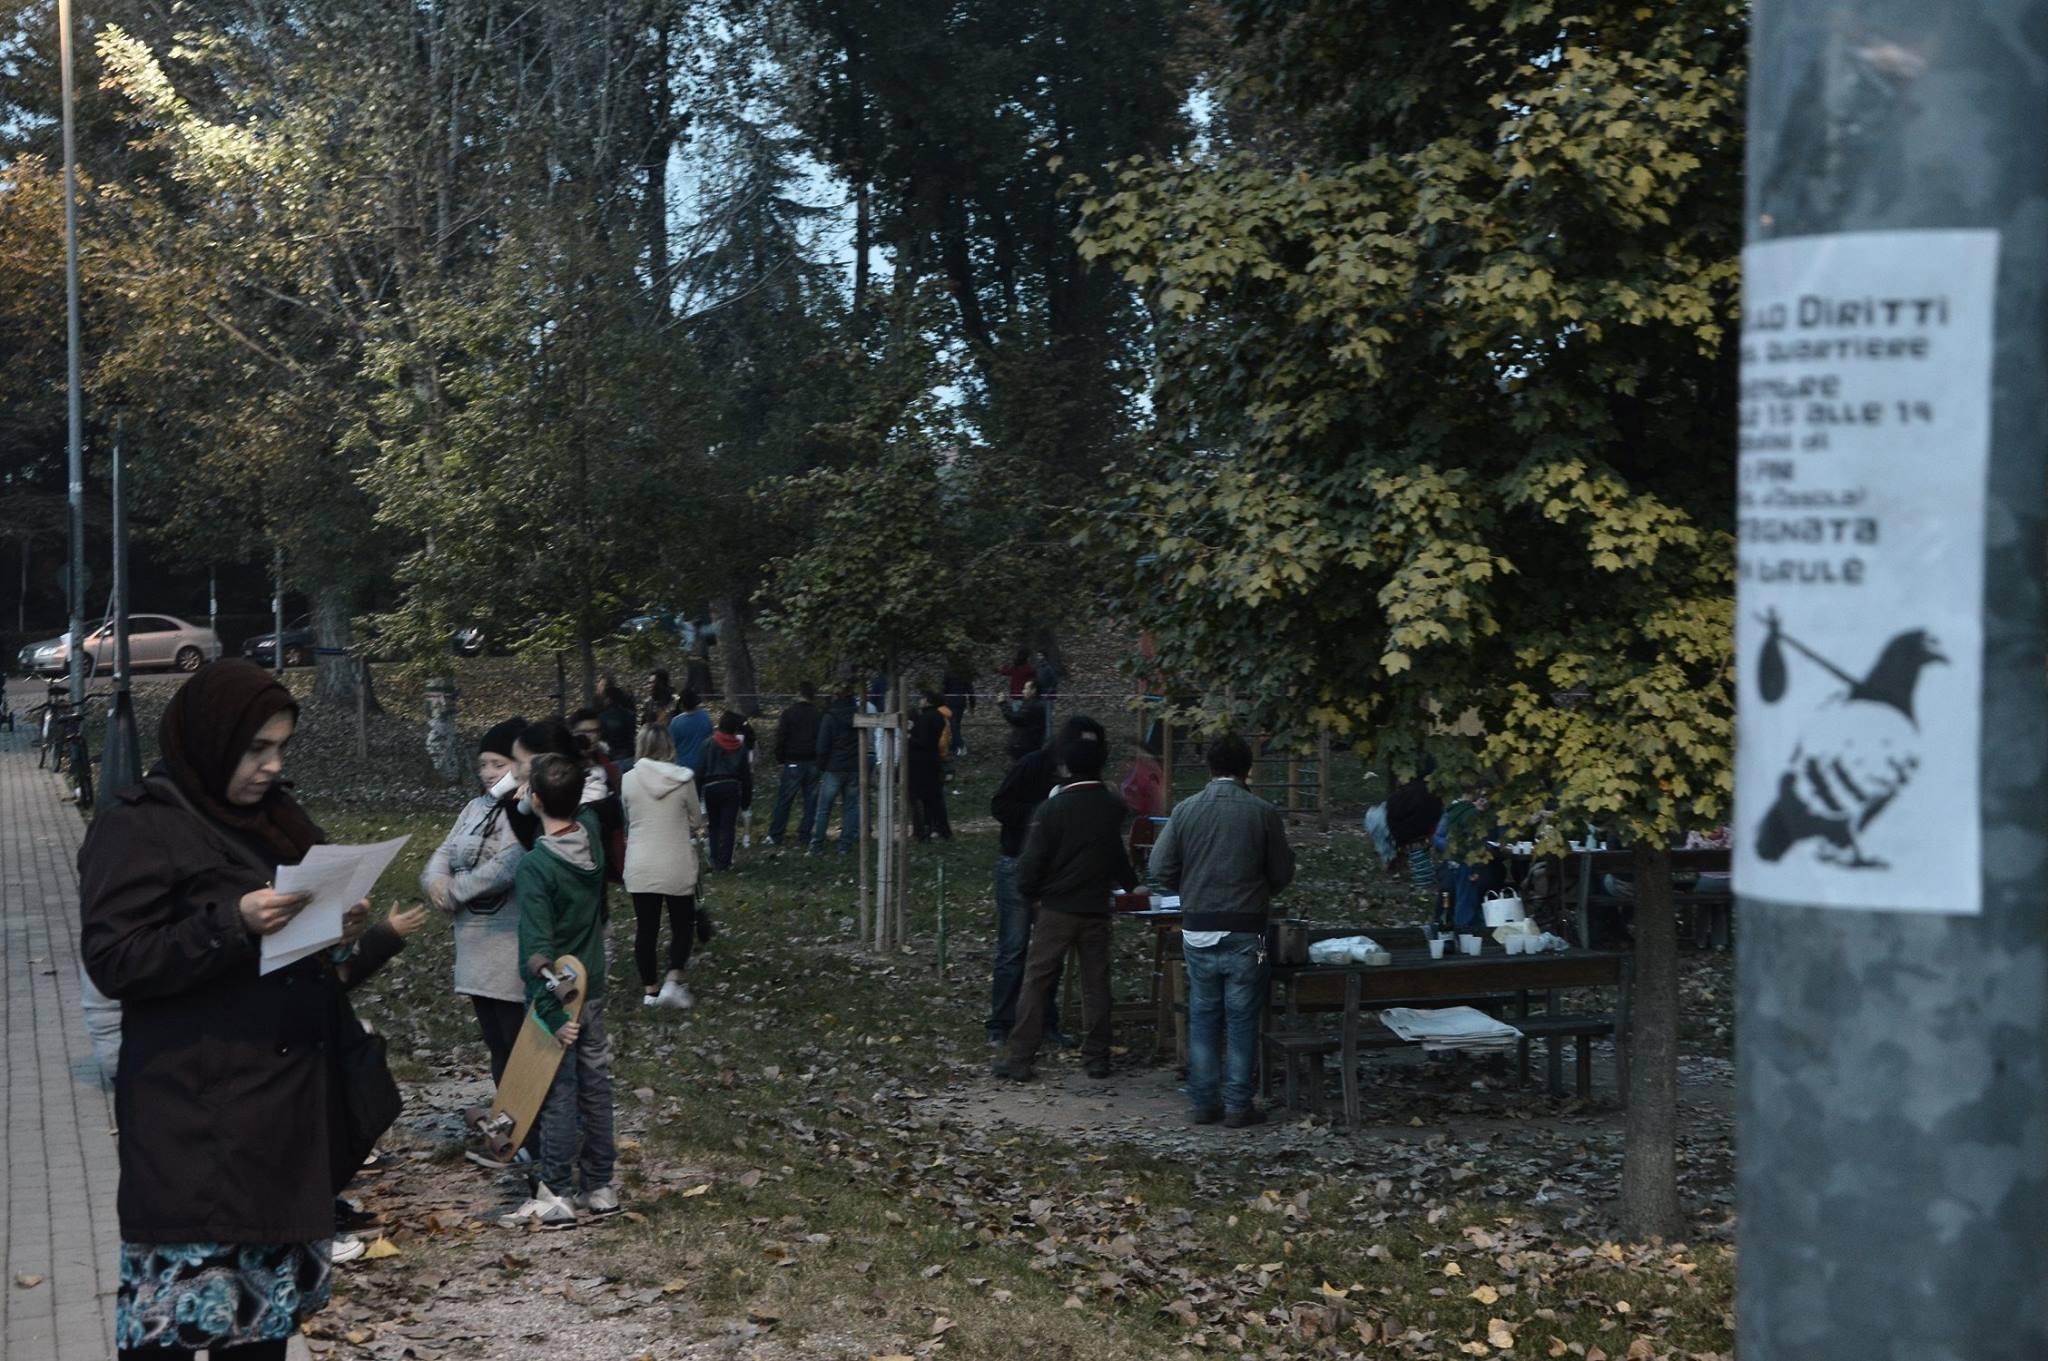 Mantova, nasce lo sportello diritti, percorsi di mutuo soccorso nelle periferie